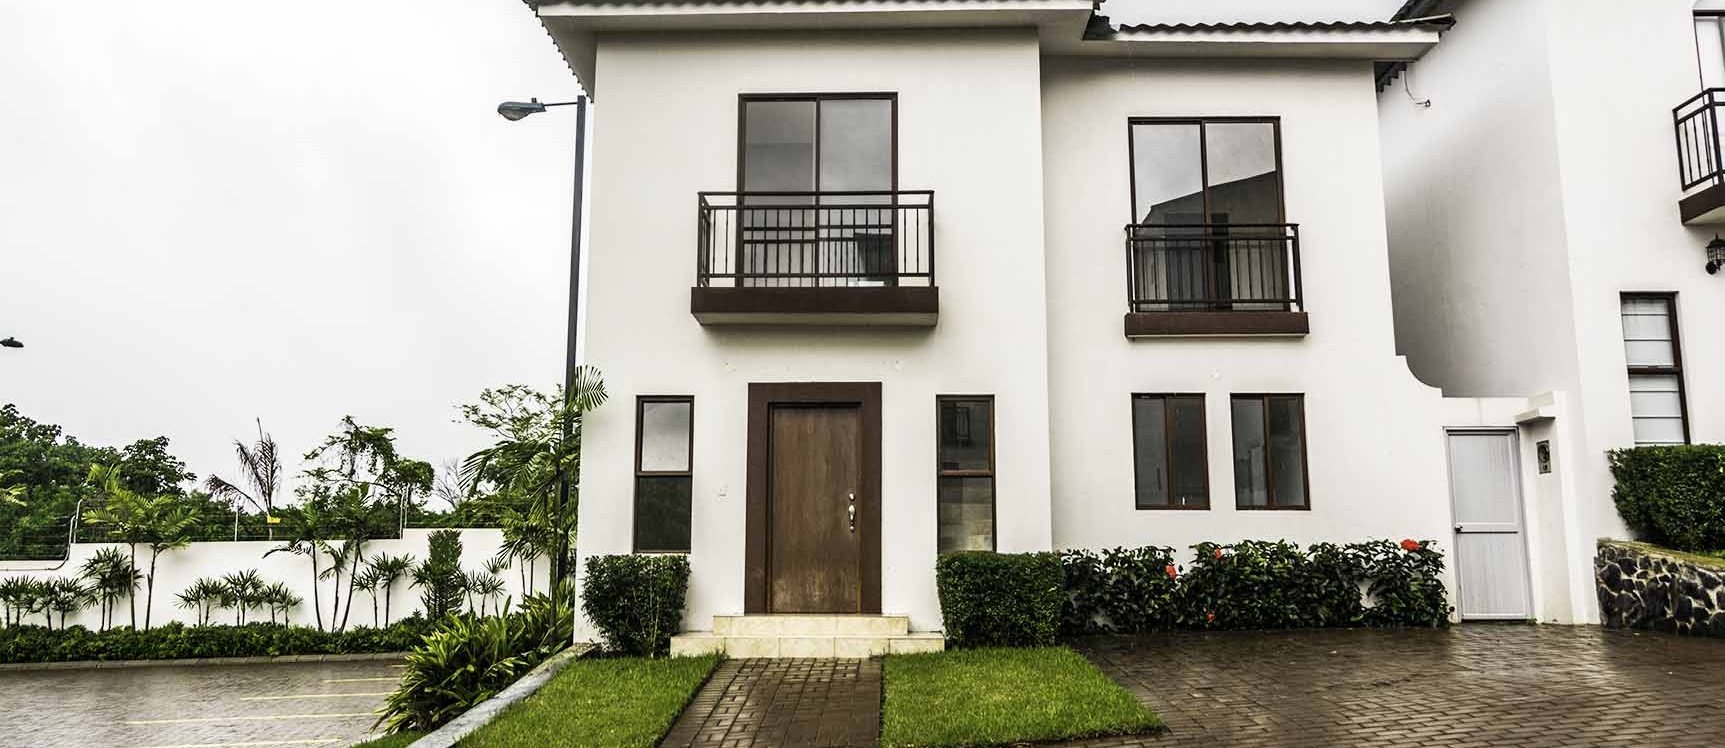 GeoBienes - Casa en Venta Urb. Villas del Bosque - Vía a La Costa - Plusvalia Guayaquil Casas de venta y alquiler Inmobiliaria Ecuador